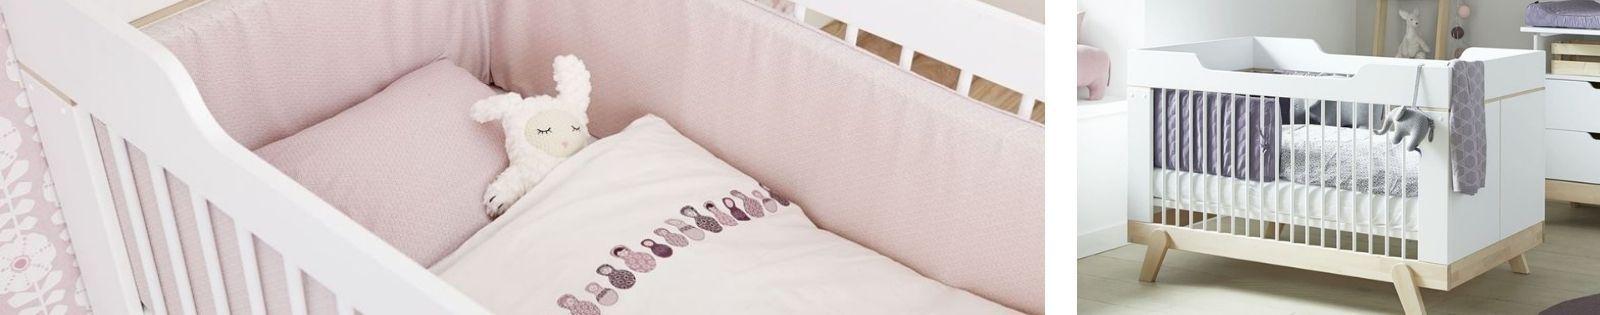 Lits pour bébé : meubles pour la chambre de qualité. Le Monde du Lit